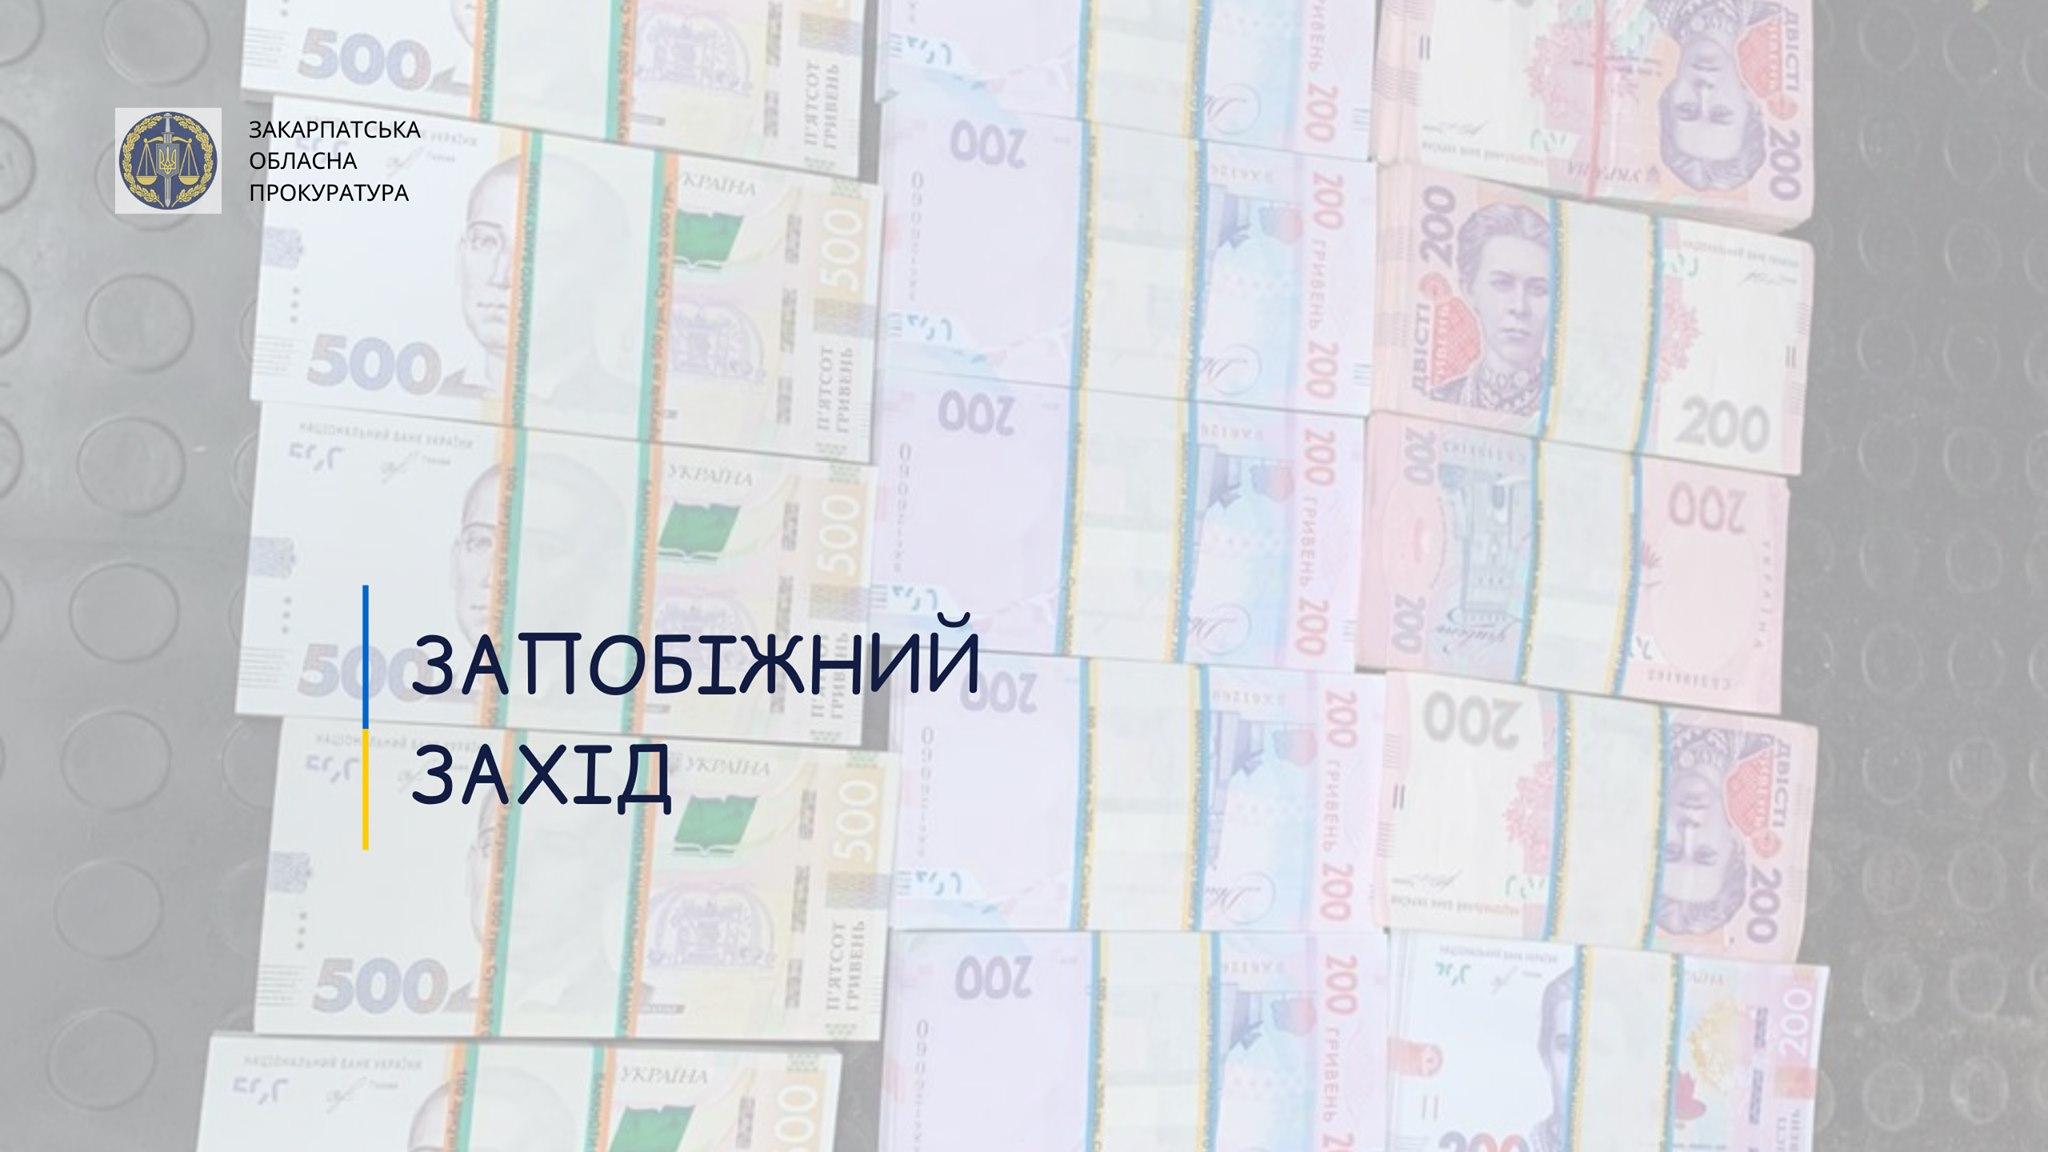 Обом обвинуваченим обрали міру запобіжного заходу тримання під вартою 60 діб або внесення застави 840 тис. гривень.